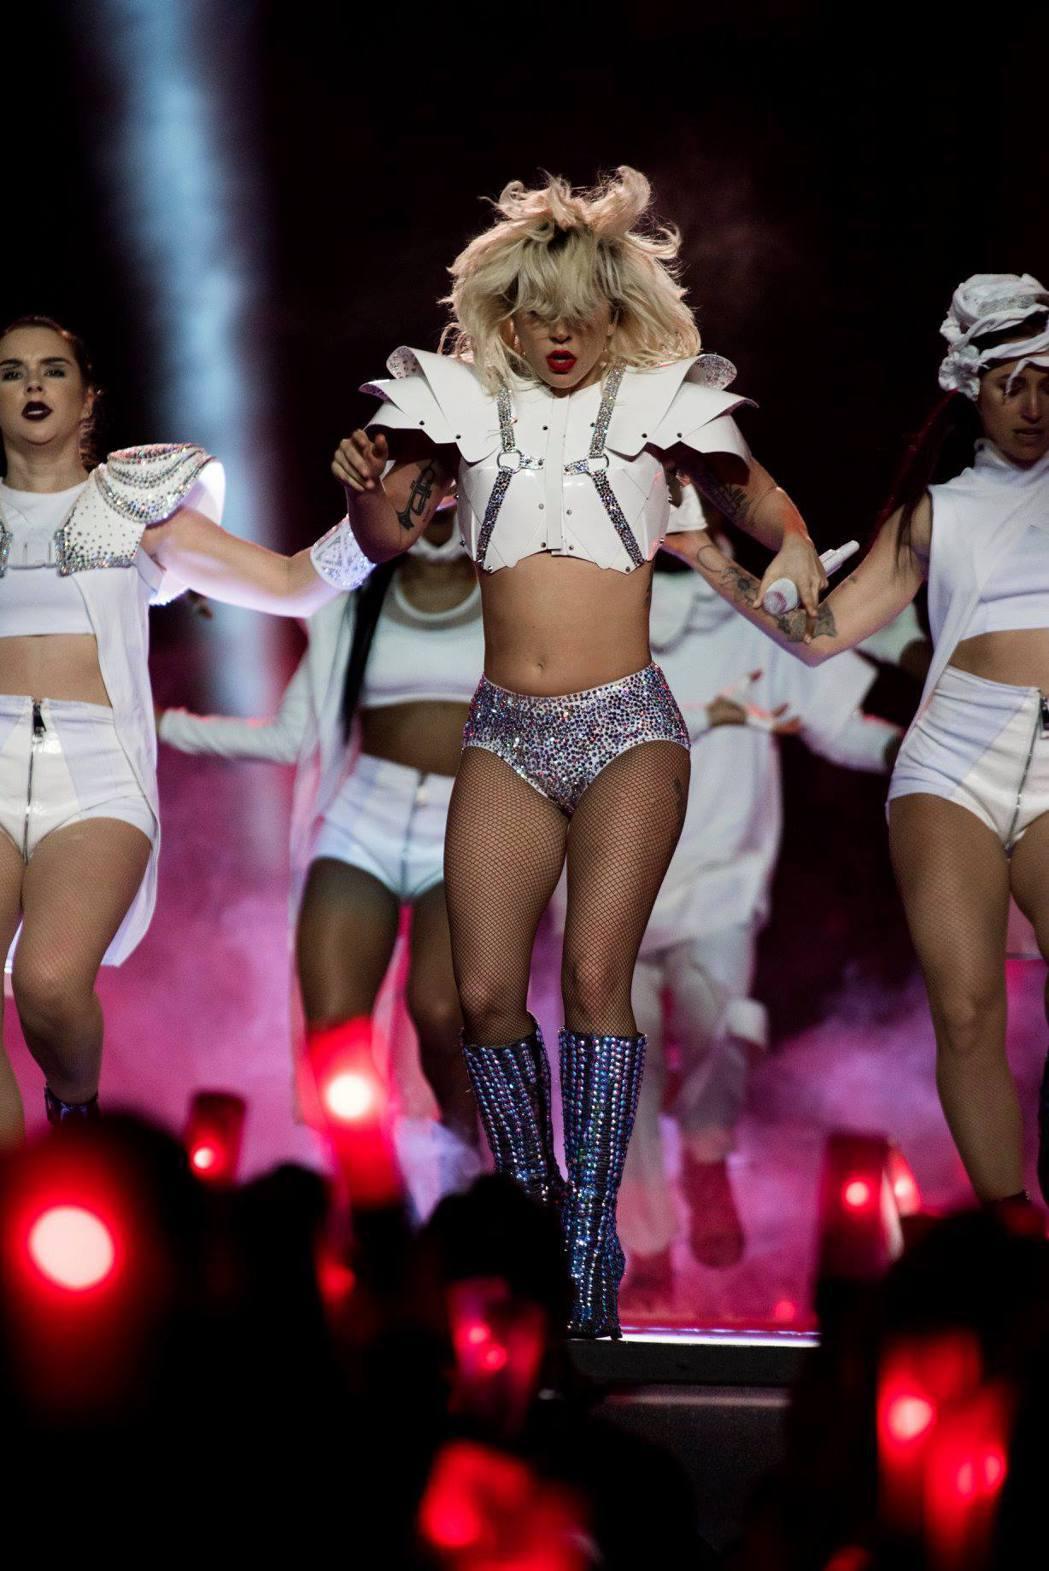 女神卡卡擔任美式足球NFL超級盃表演嘉賓嗨翻全場。圖/摘自Lady GAGA f